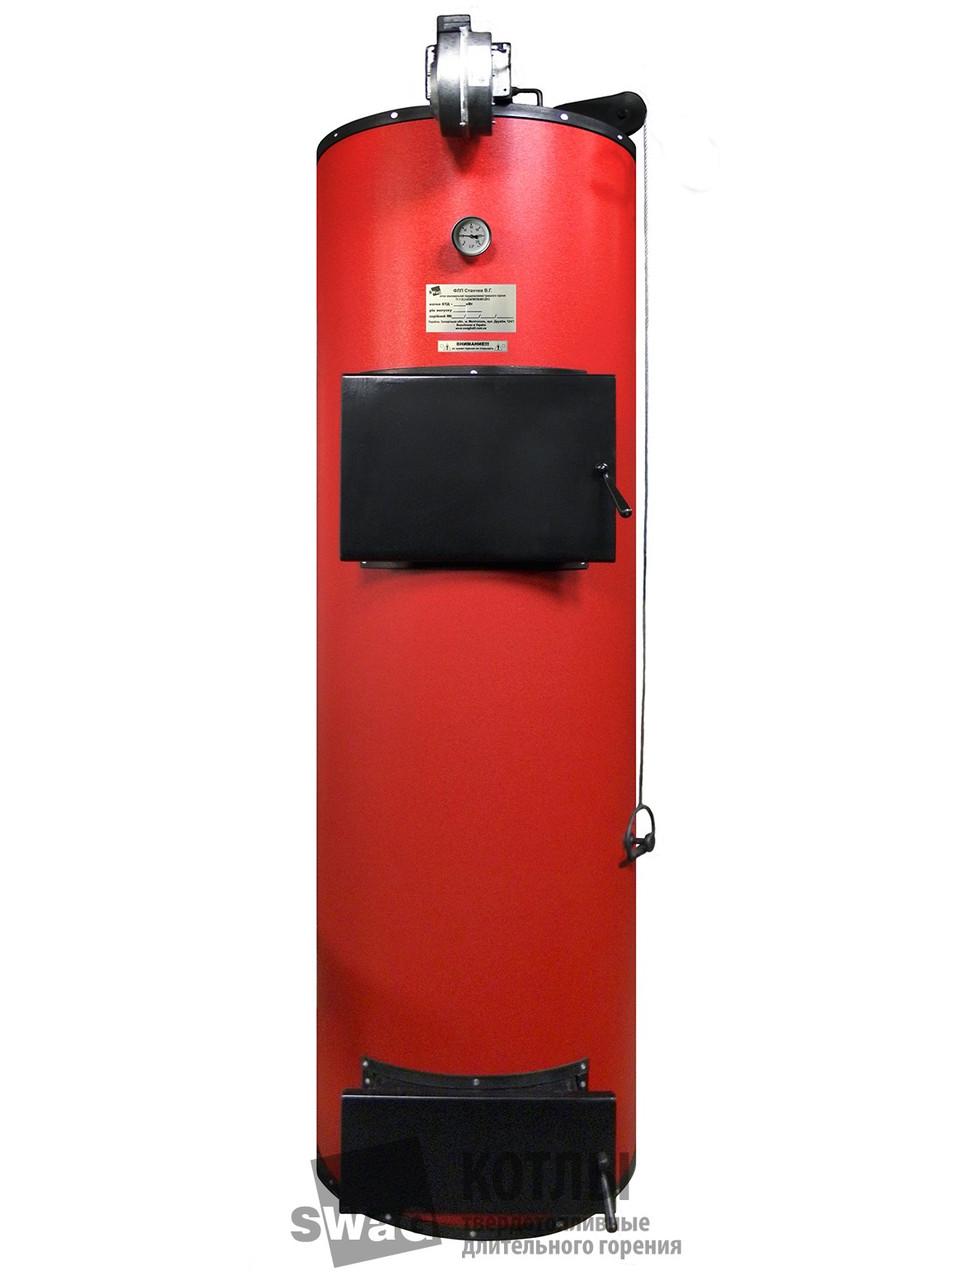 Котел длительного горения SWaG 10 кВт D